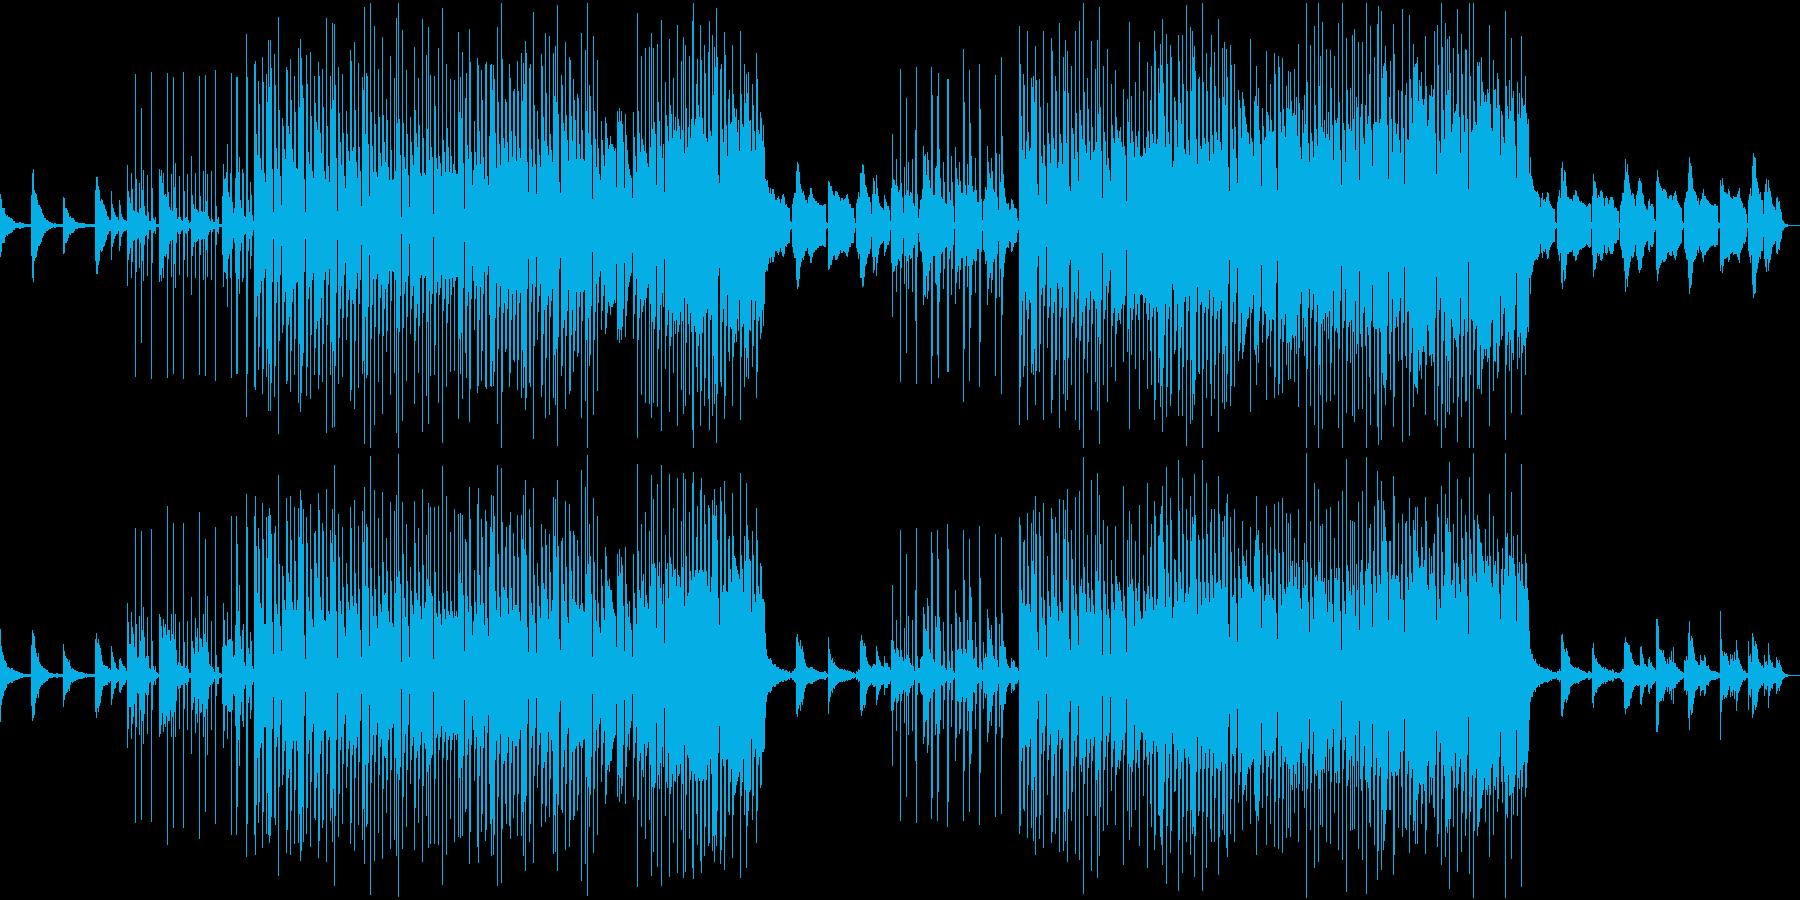 ピアノが優しいポップでチルLoFiビートの再生済みの波形